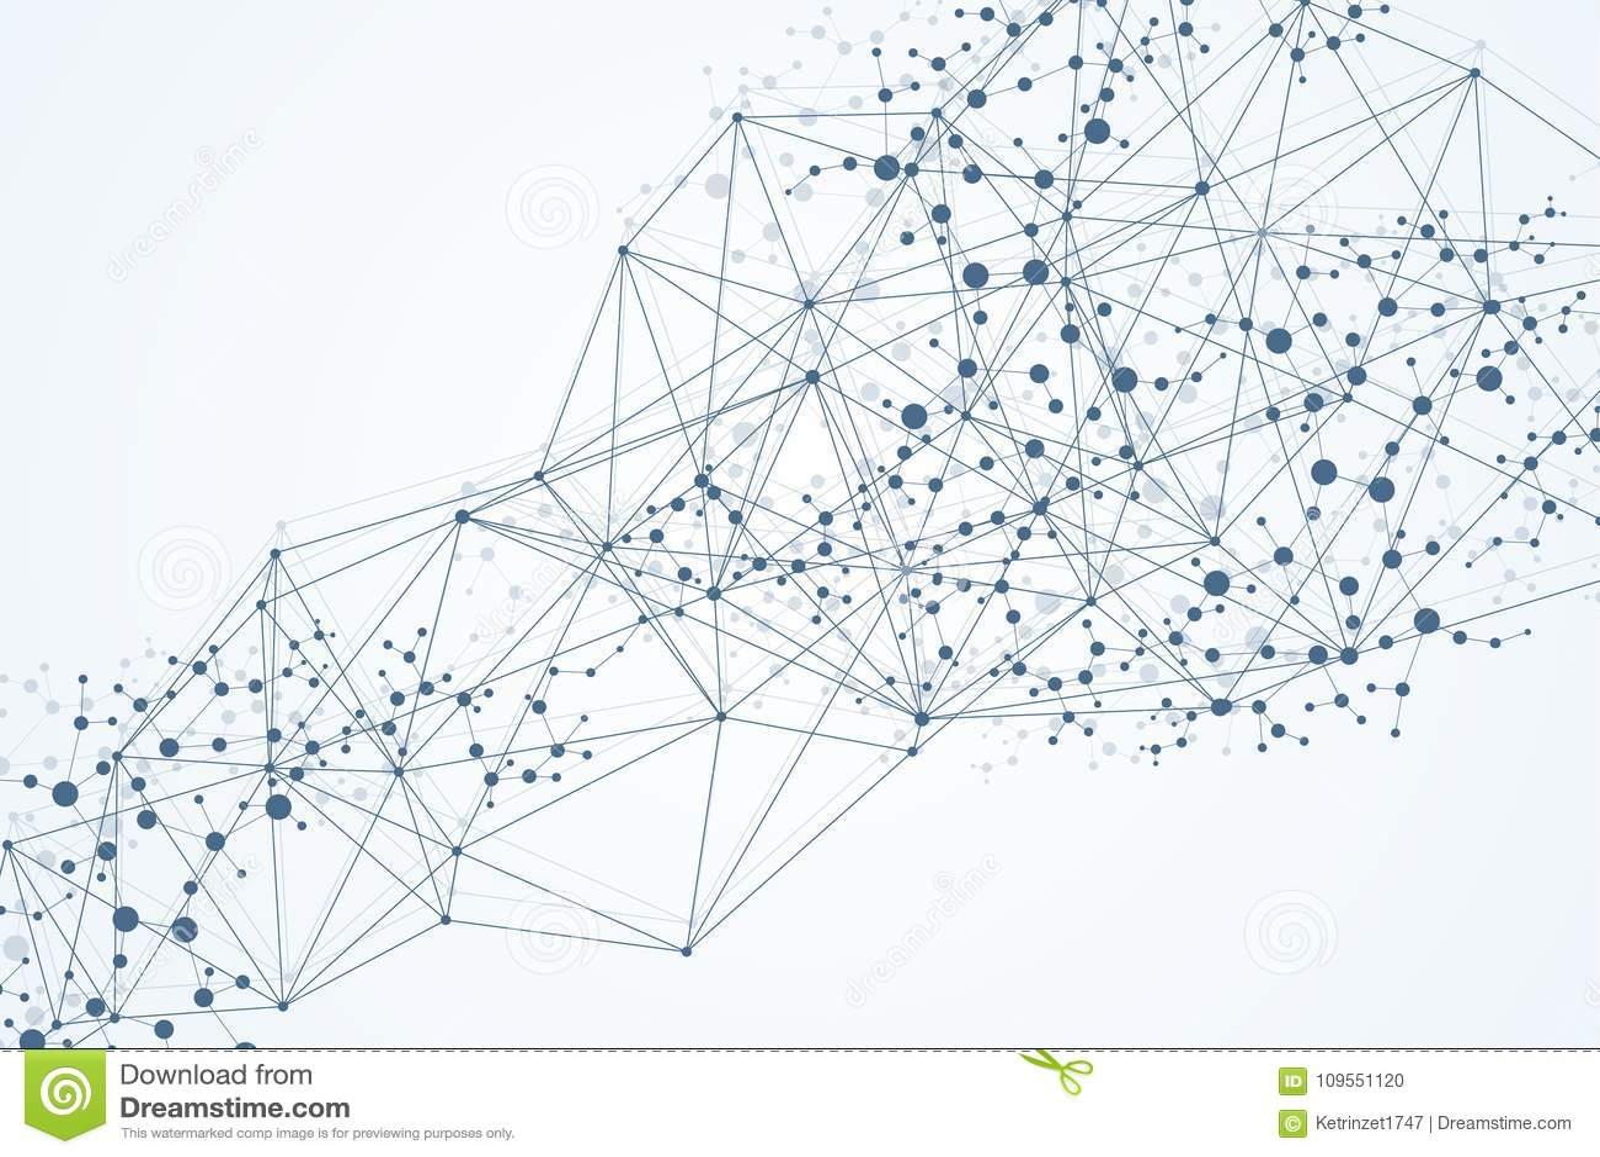 Γεωμετρικό αφηρημένο υπόβαθρο με τη συνδεδεμένα γραμμή και τα σημεία Μόριο και επικοινωνία δομών Μεγάλη απεικόνιση στοιχείων